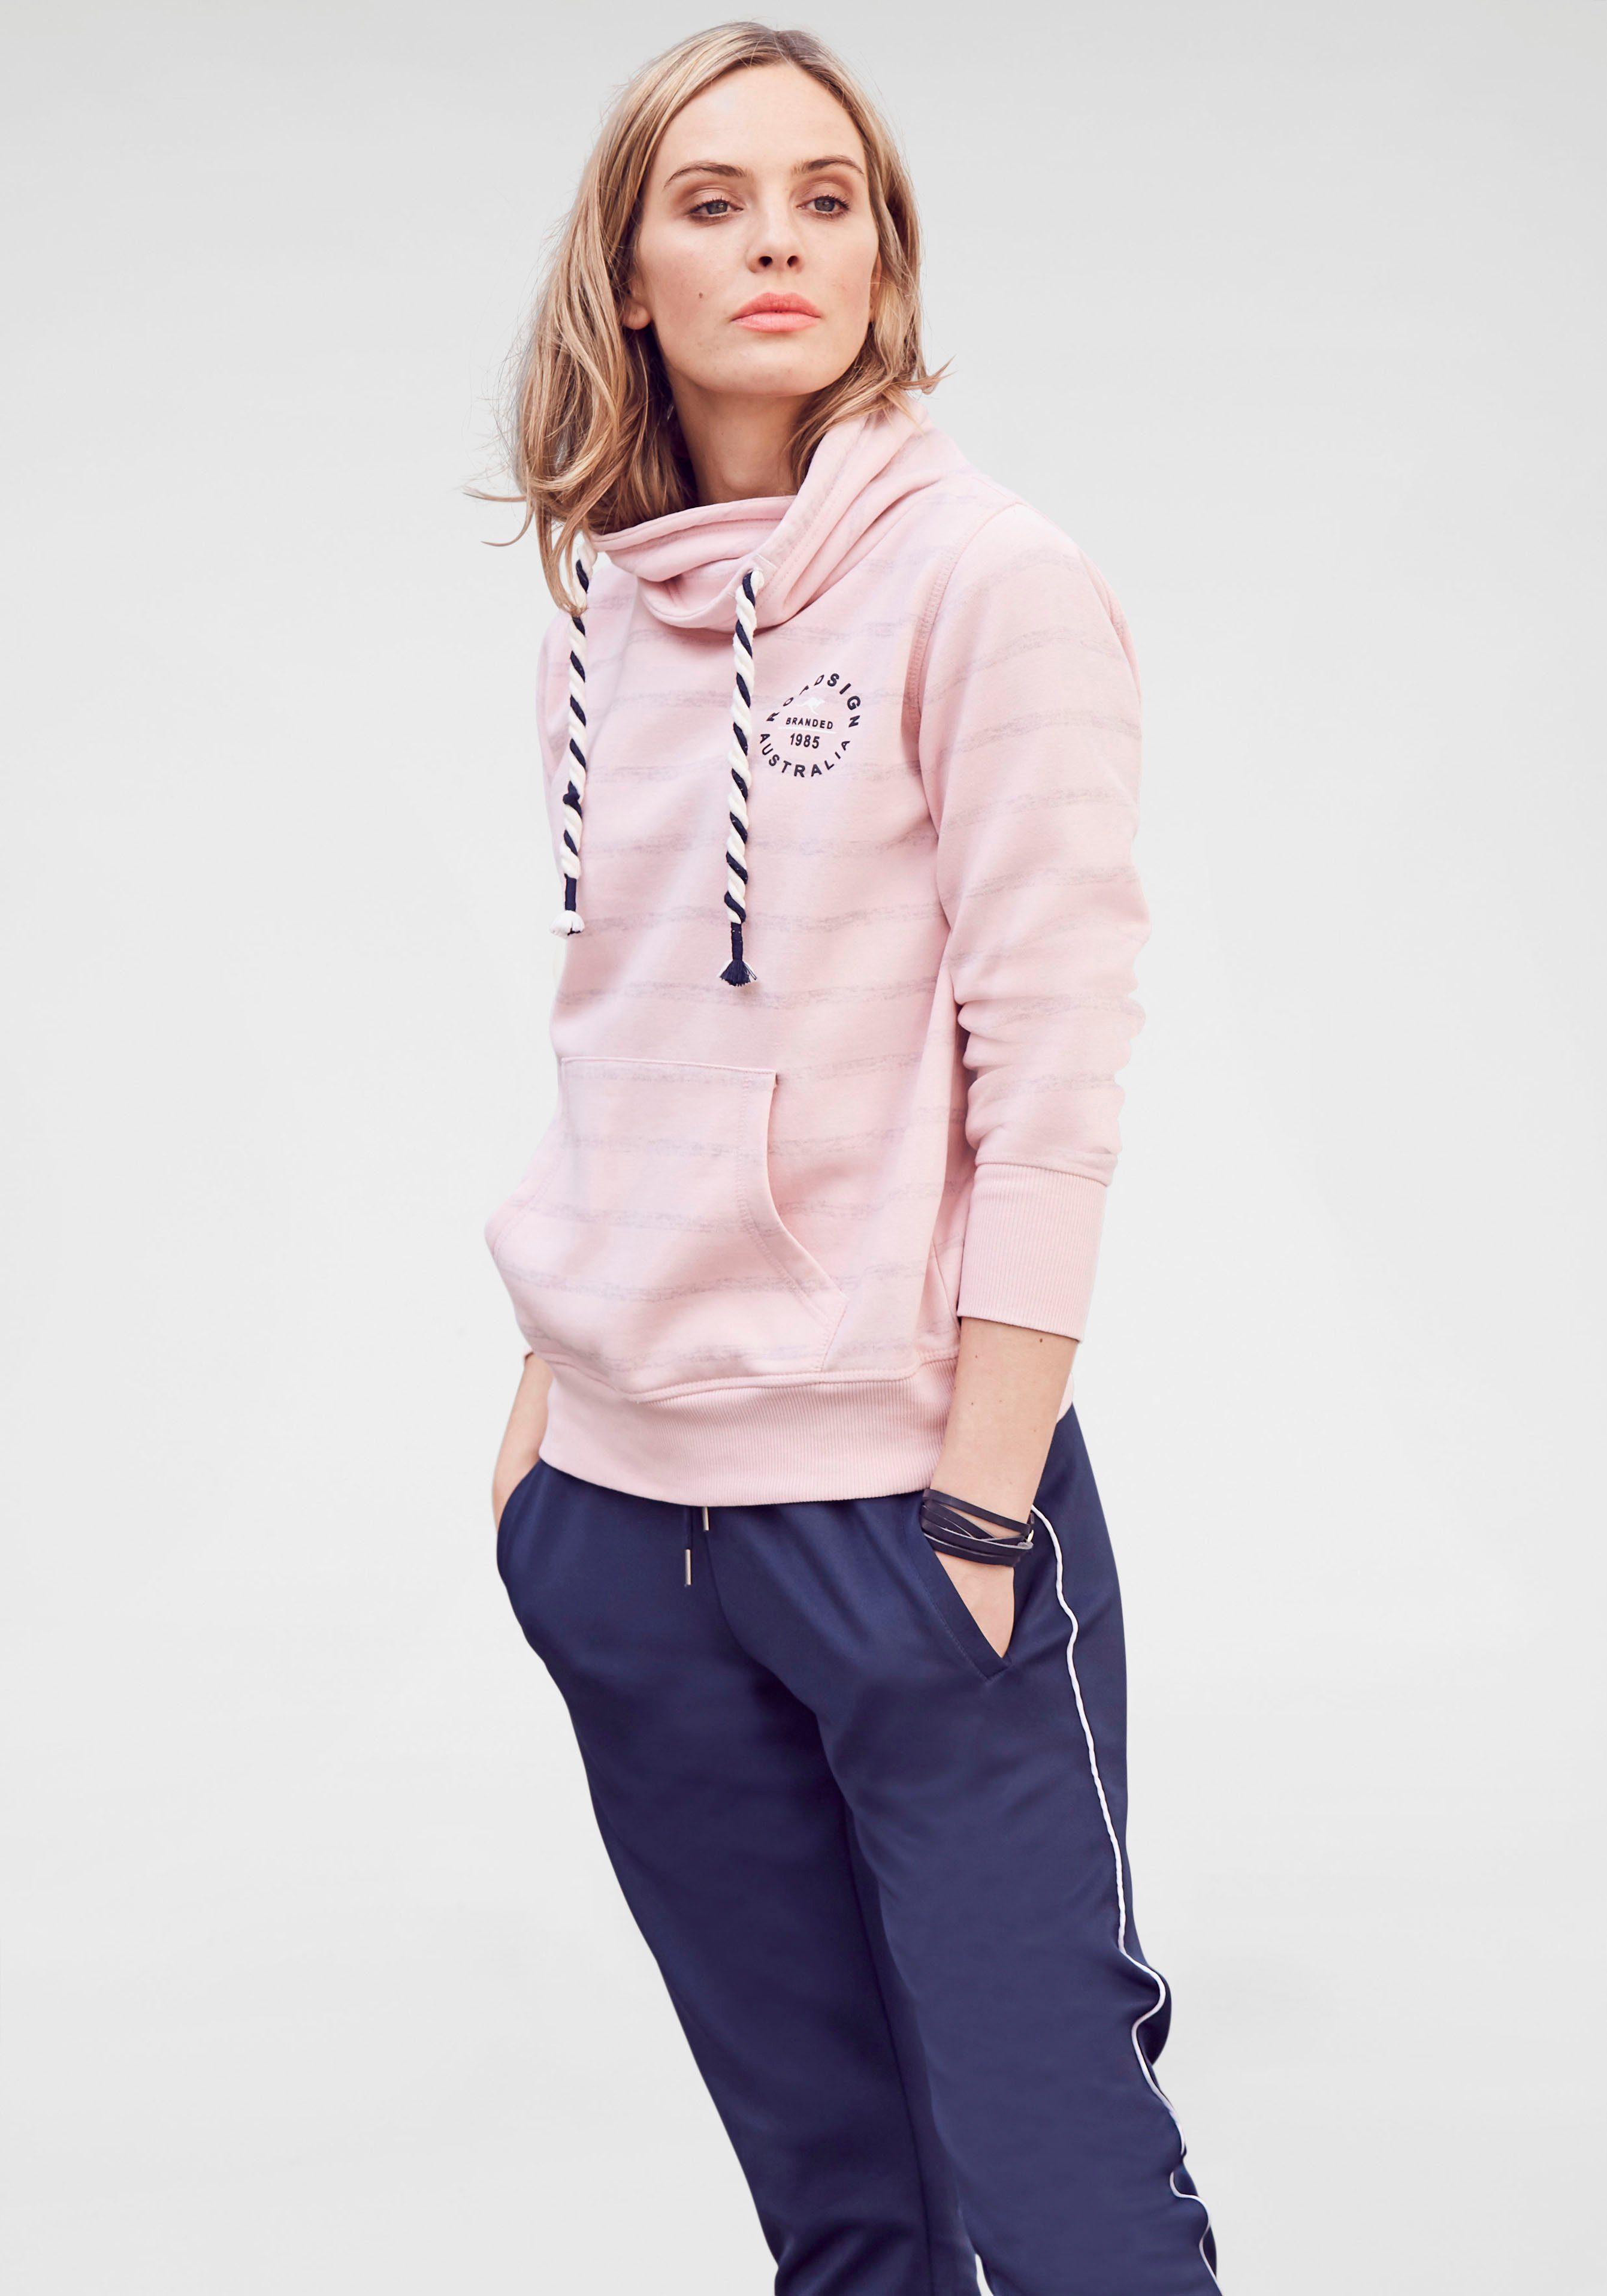 ROADSIGN australia Sweatshirt mit hohem Kragen | OTTO